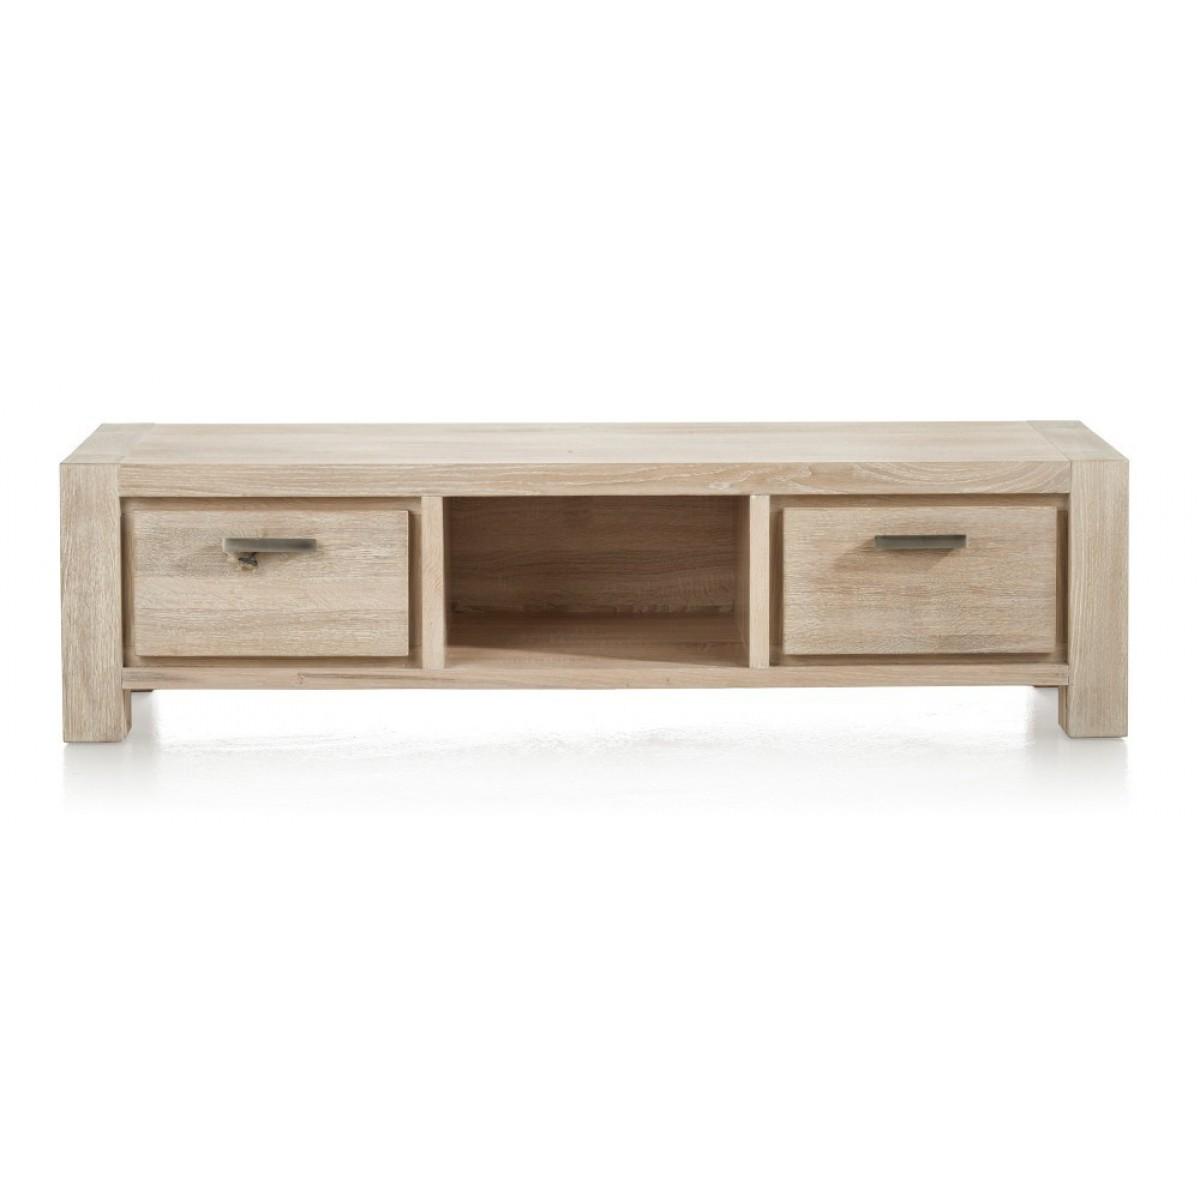 caroni tv sideboard 160 cm eiche tv kommode i live design preisg nstig online moebel kaufen. Black Bedroom Furniture Sets. Home Design Ideas